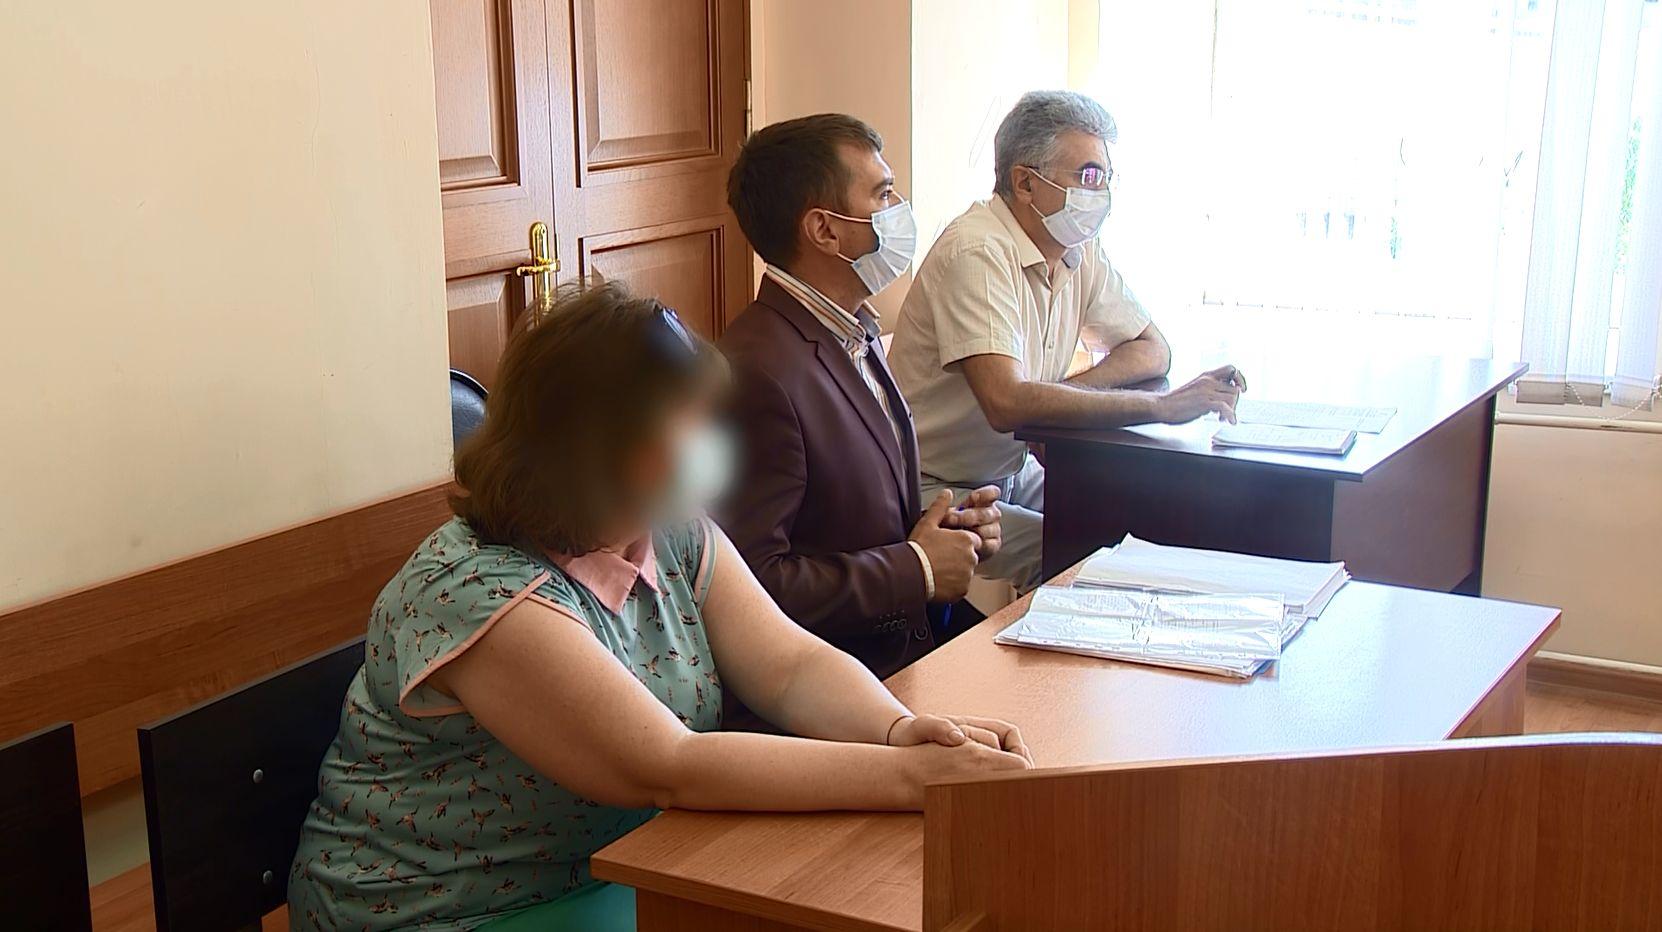 Бывшего главбуха ярославского учреждения дополнительного образования приговорили к 3 годам условно